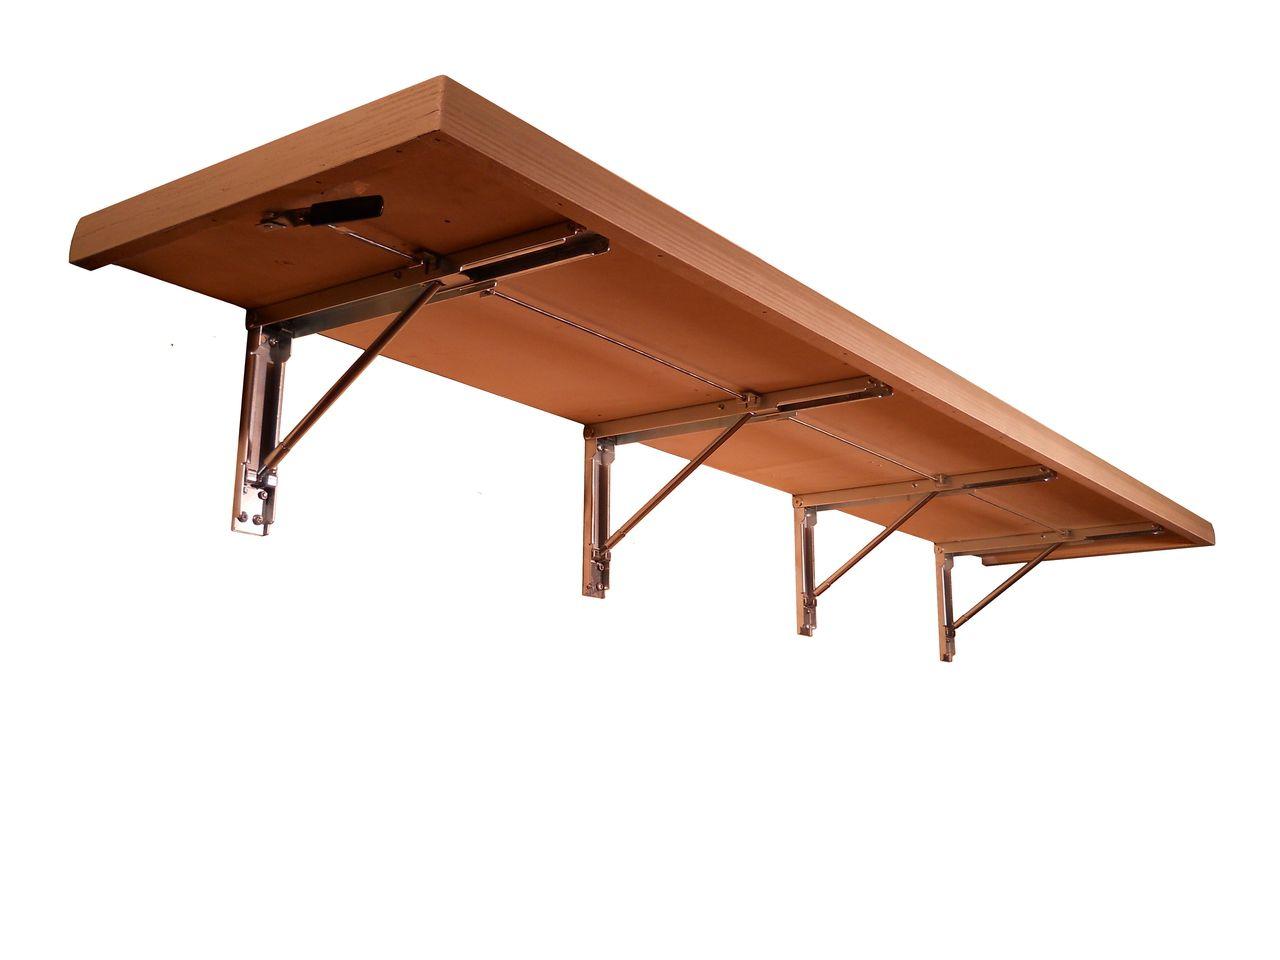 Fold Up Shelf Amarine Made Polished Stainless Steel Folding Shelf Bench Table